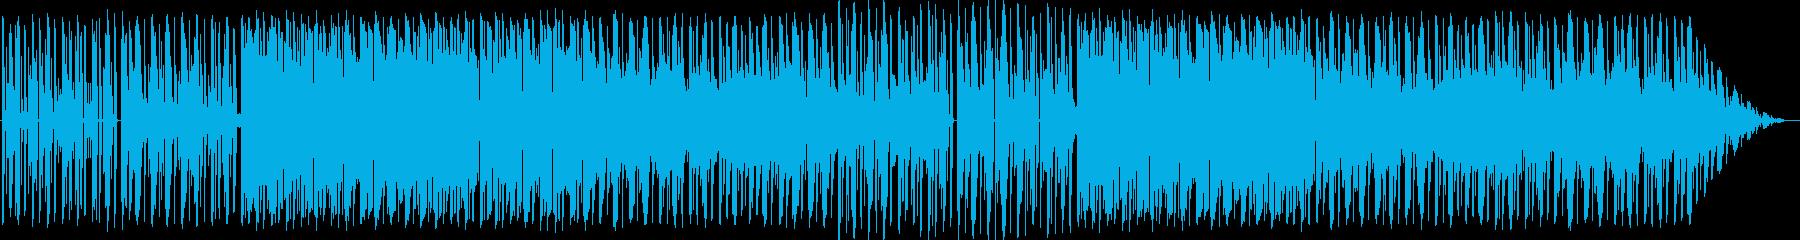 ファンキーでエレクトロニック。の再生済みの波形